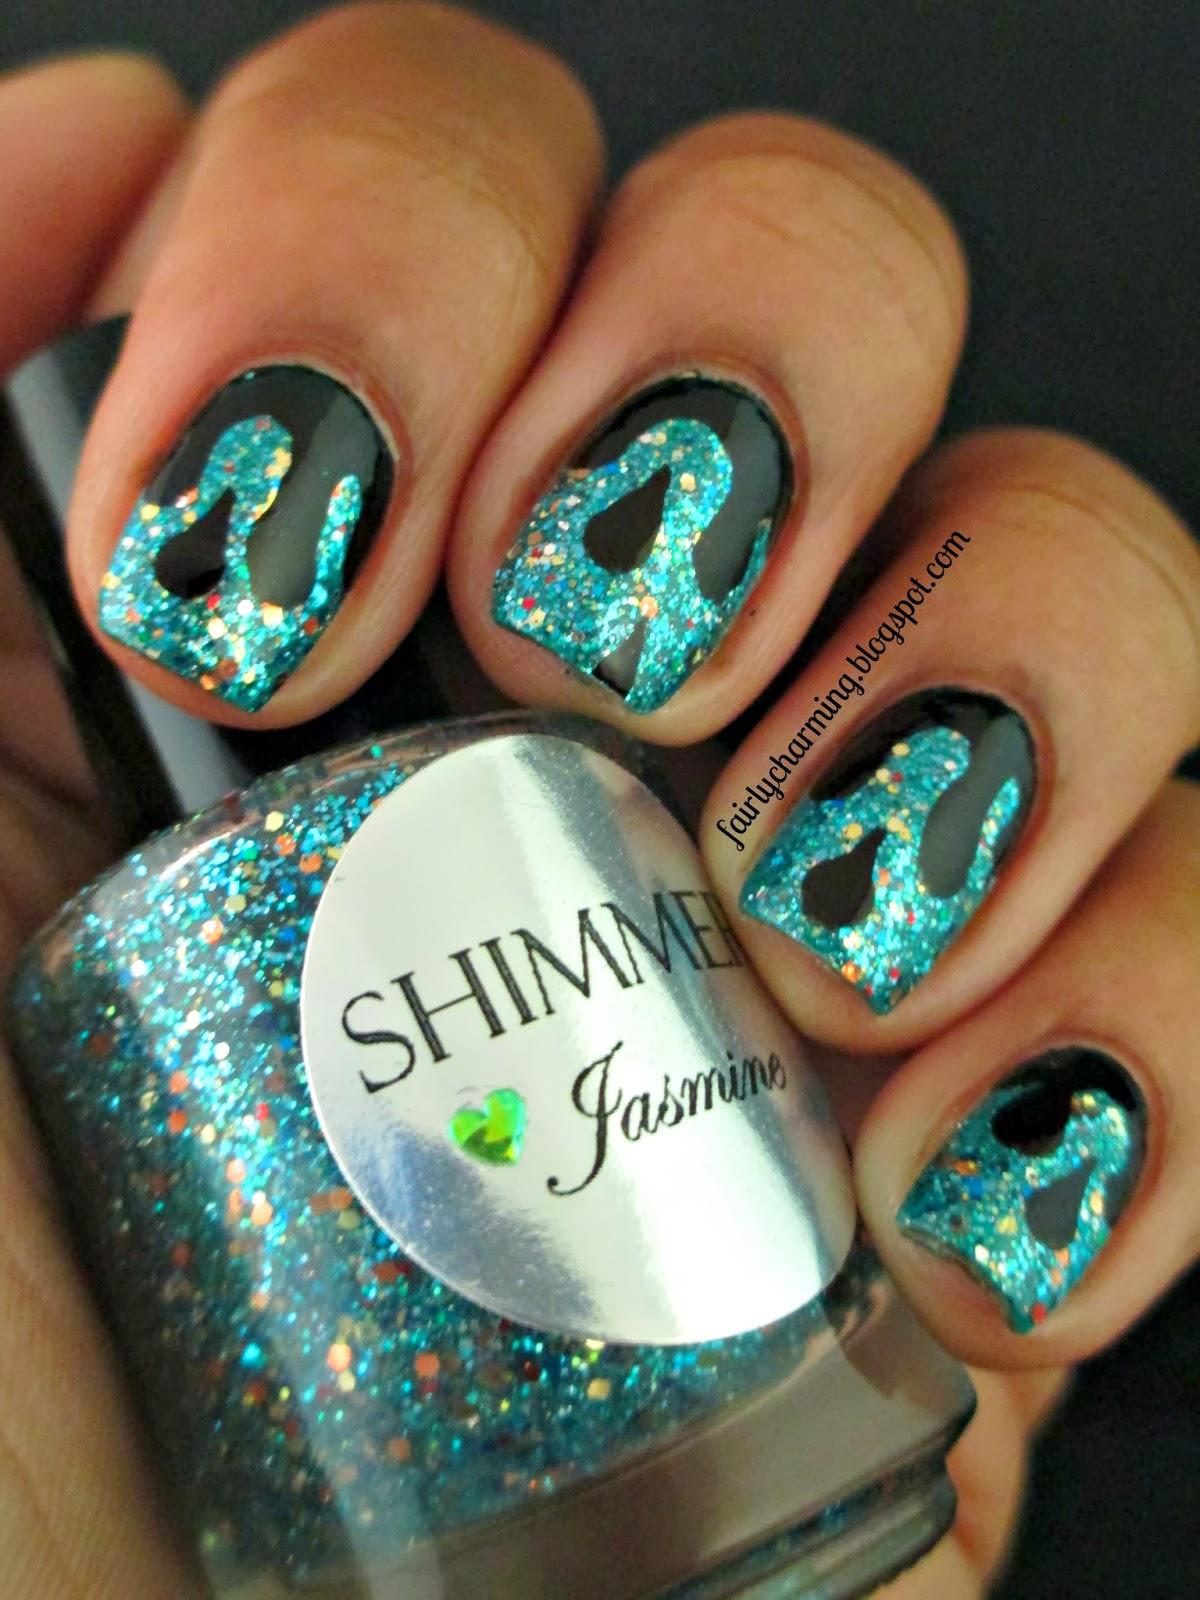 Fairly Charming: Shimmer Polish